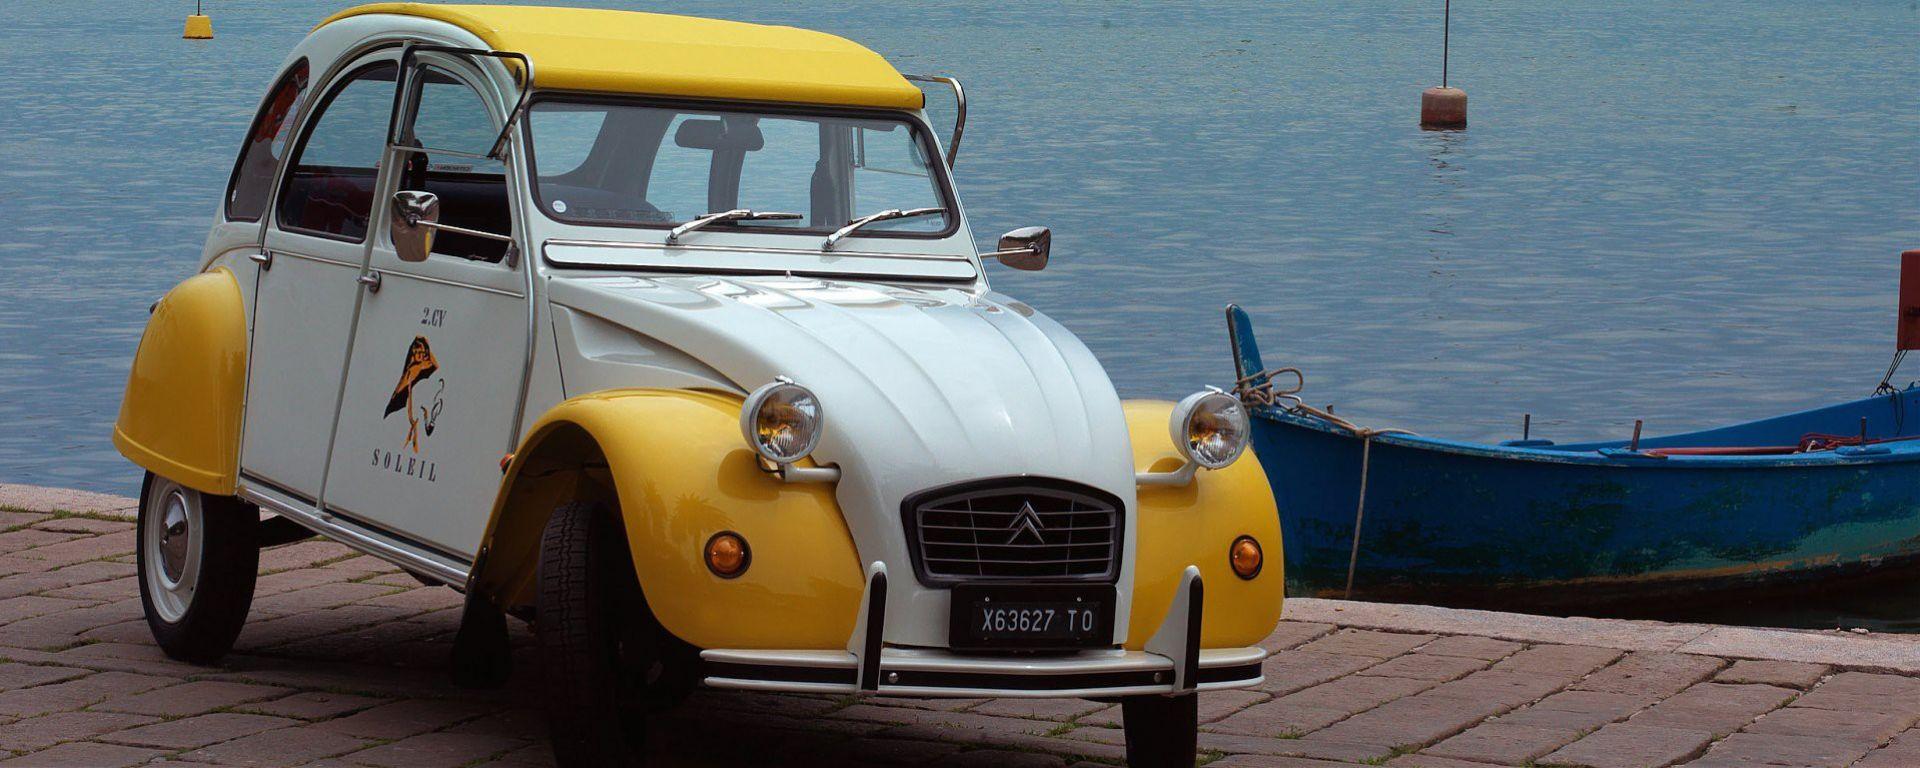 Citroën: al via il megaraduno 2CV